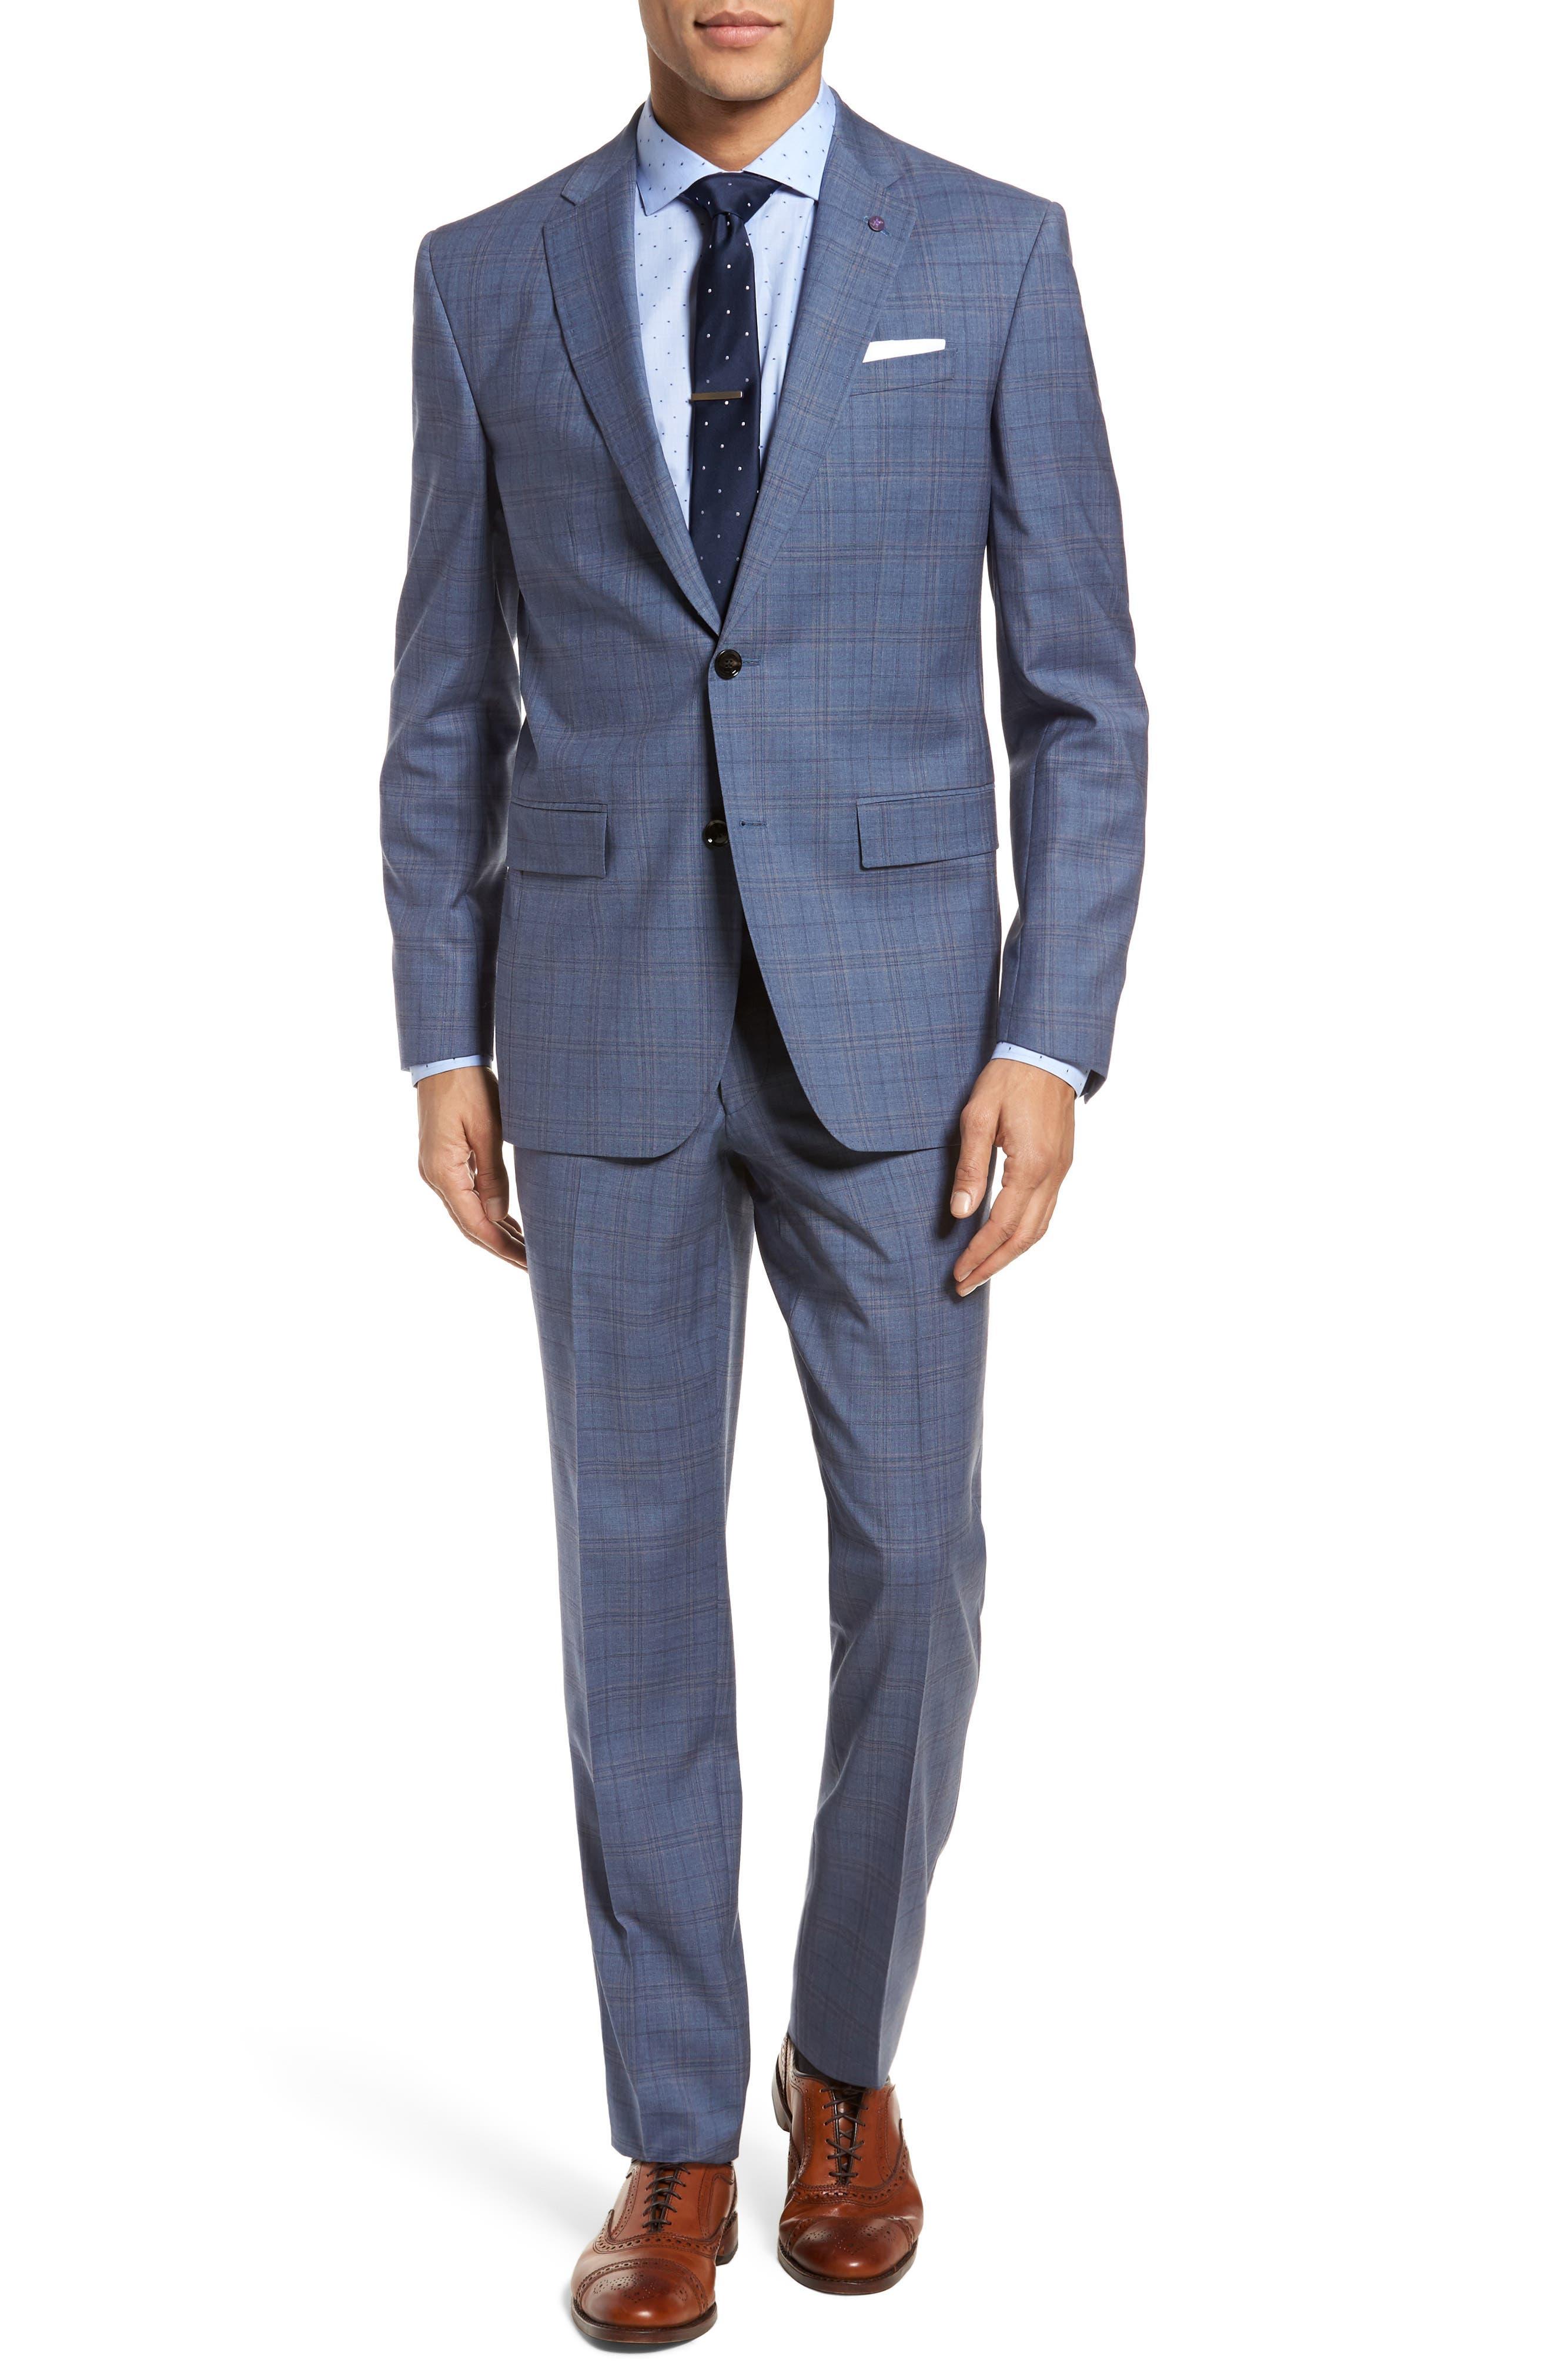 Jay Trim Fit Plaid Wool Suit,                             Main thumbnail 1, color,                             400